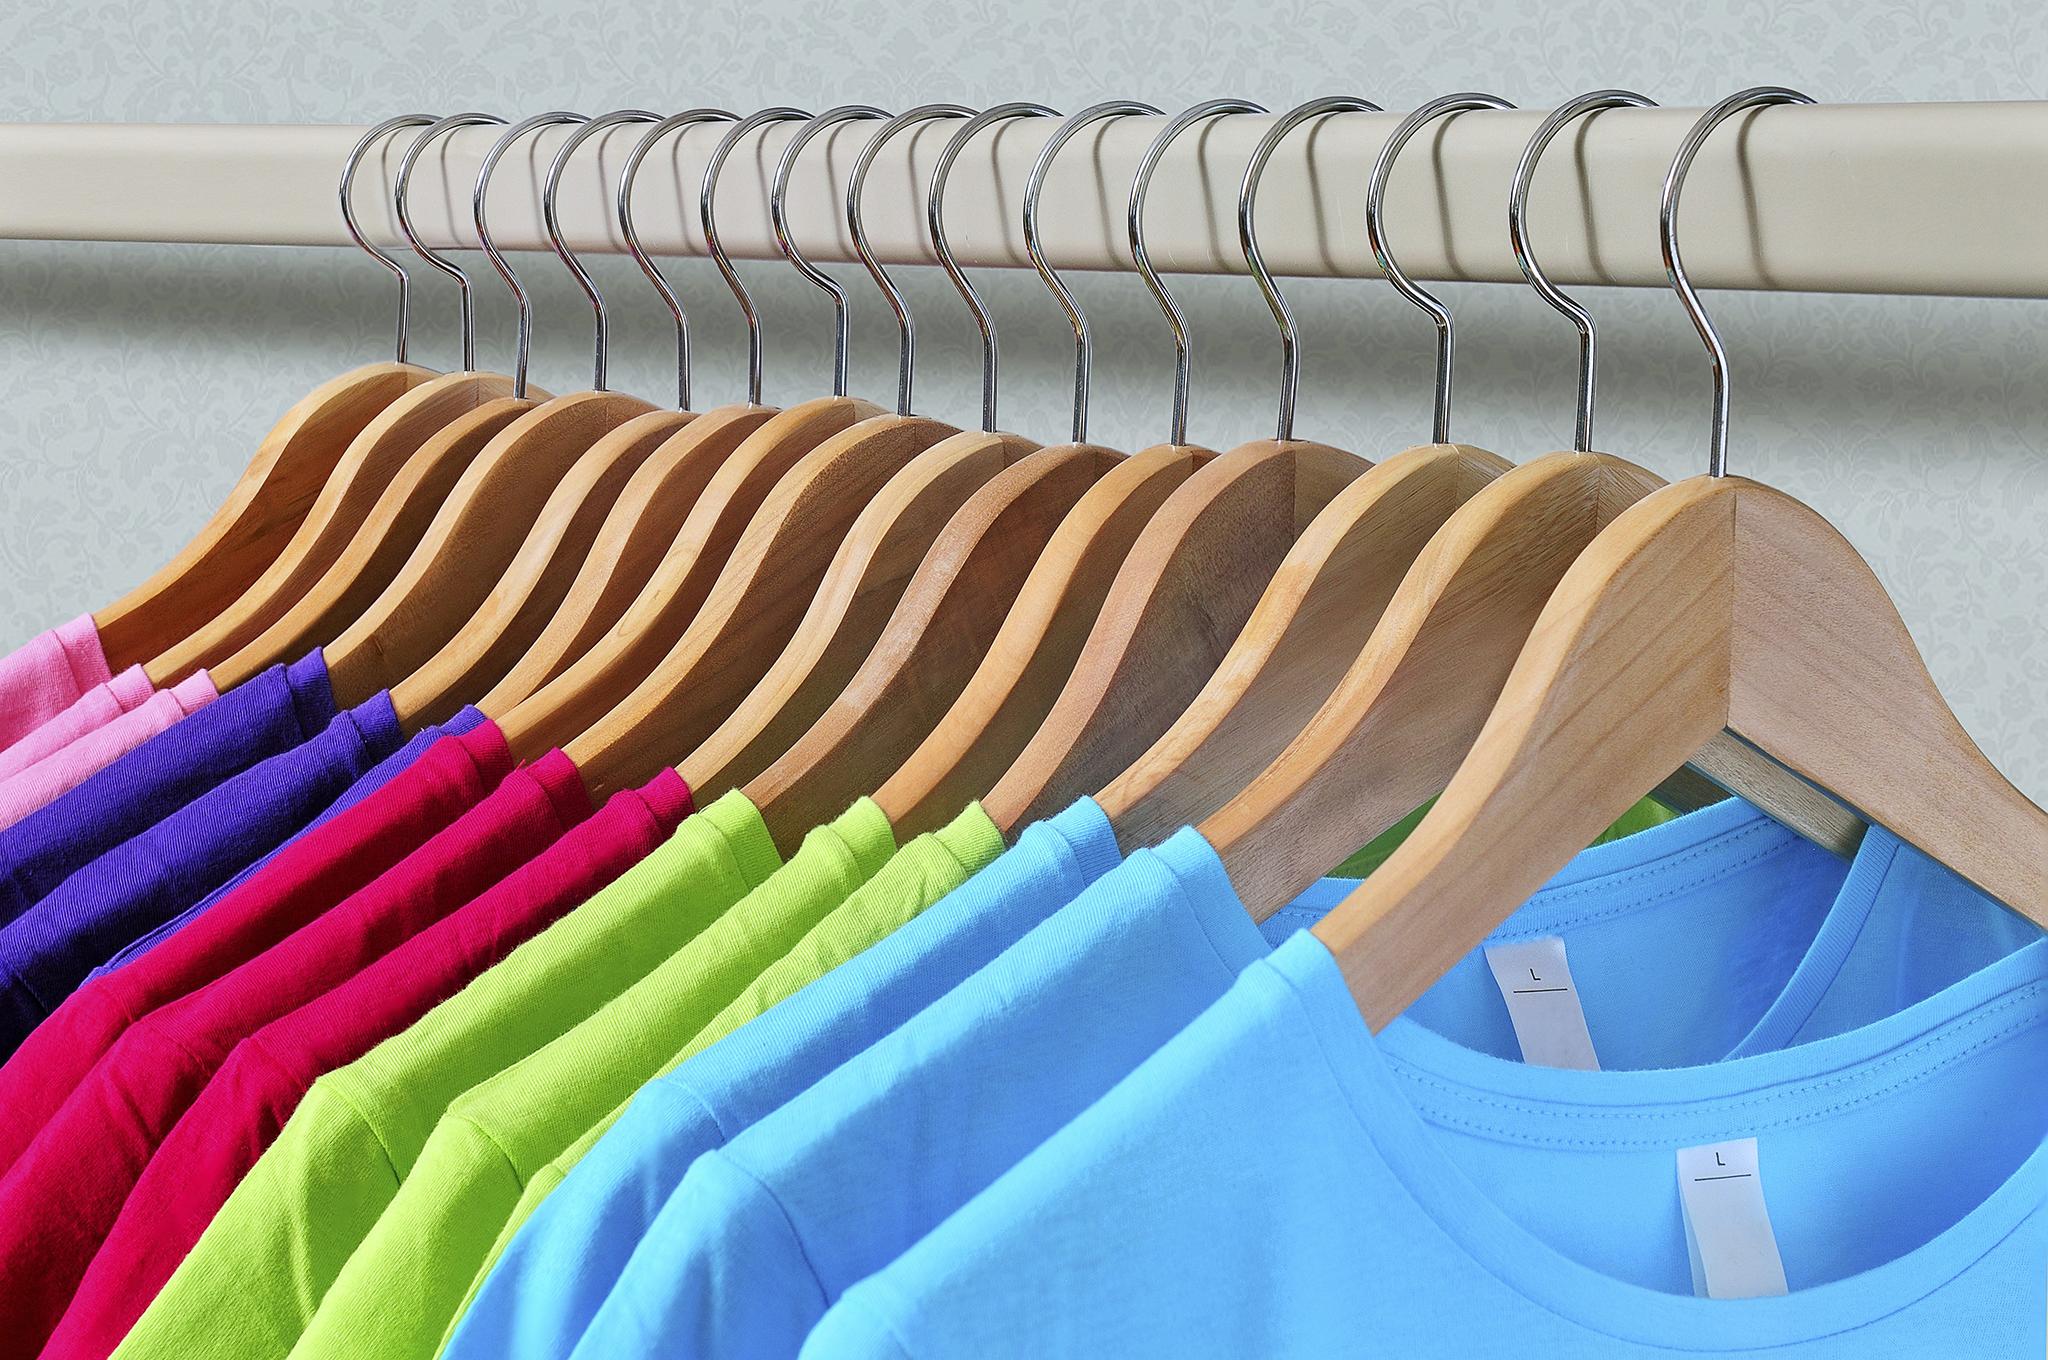 0c22a3ae14e7 Tanie koszulki z nadrukami - propozycje do 100 zł